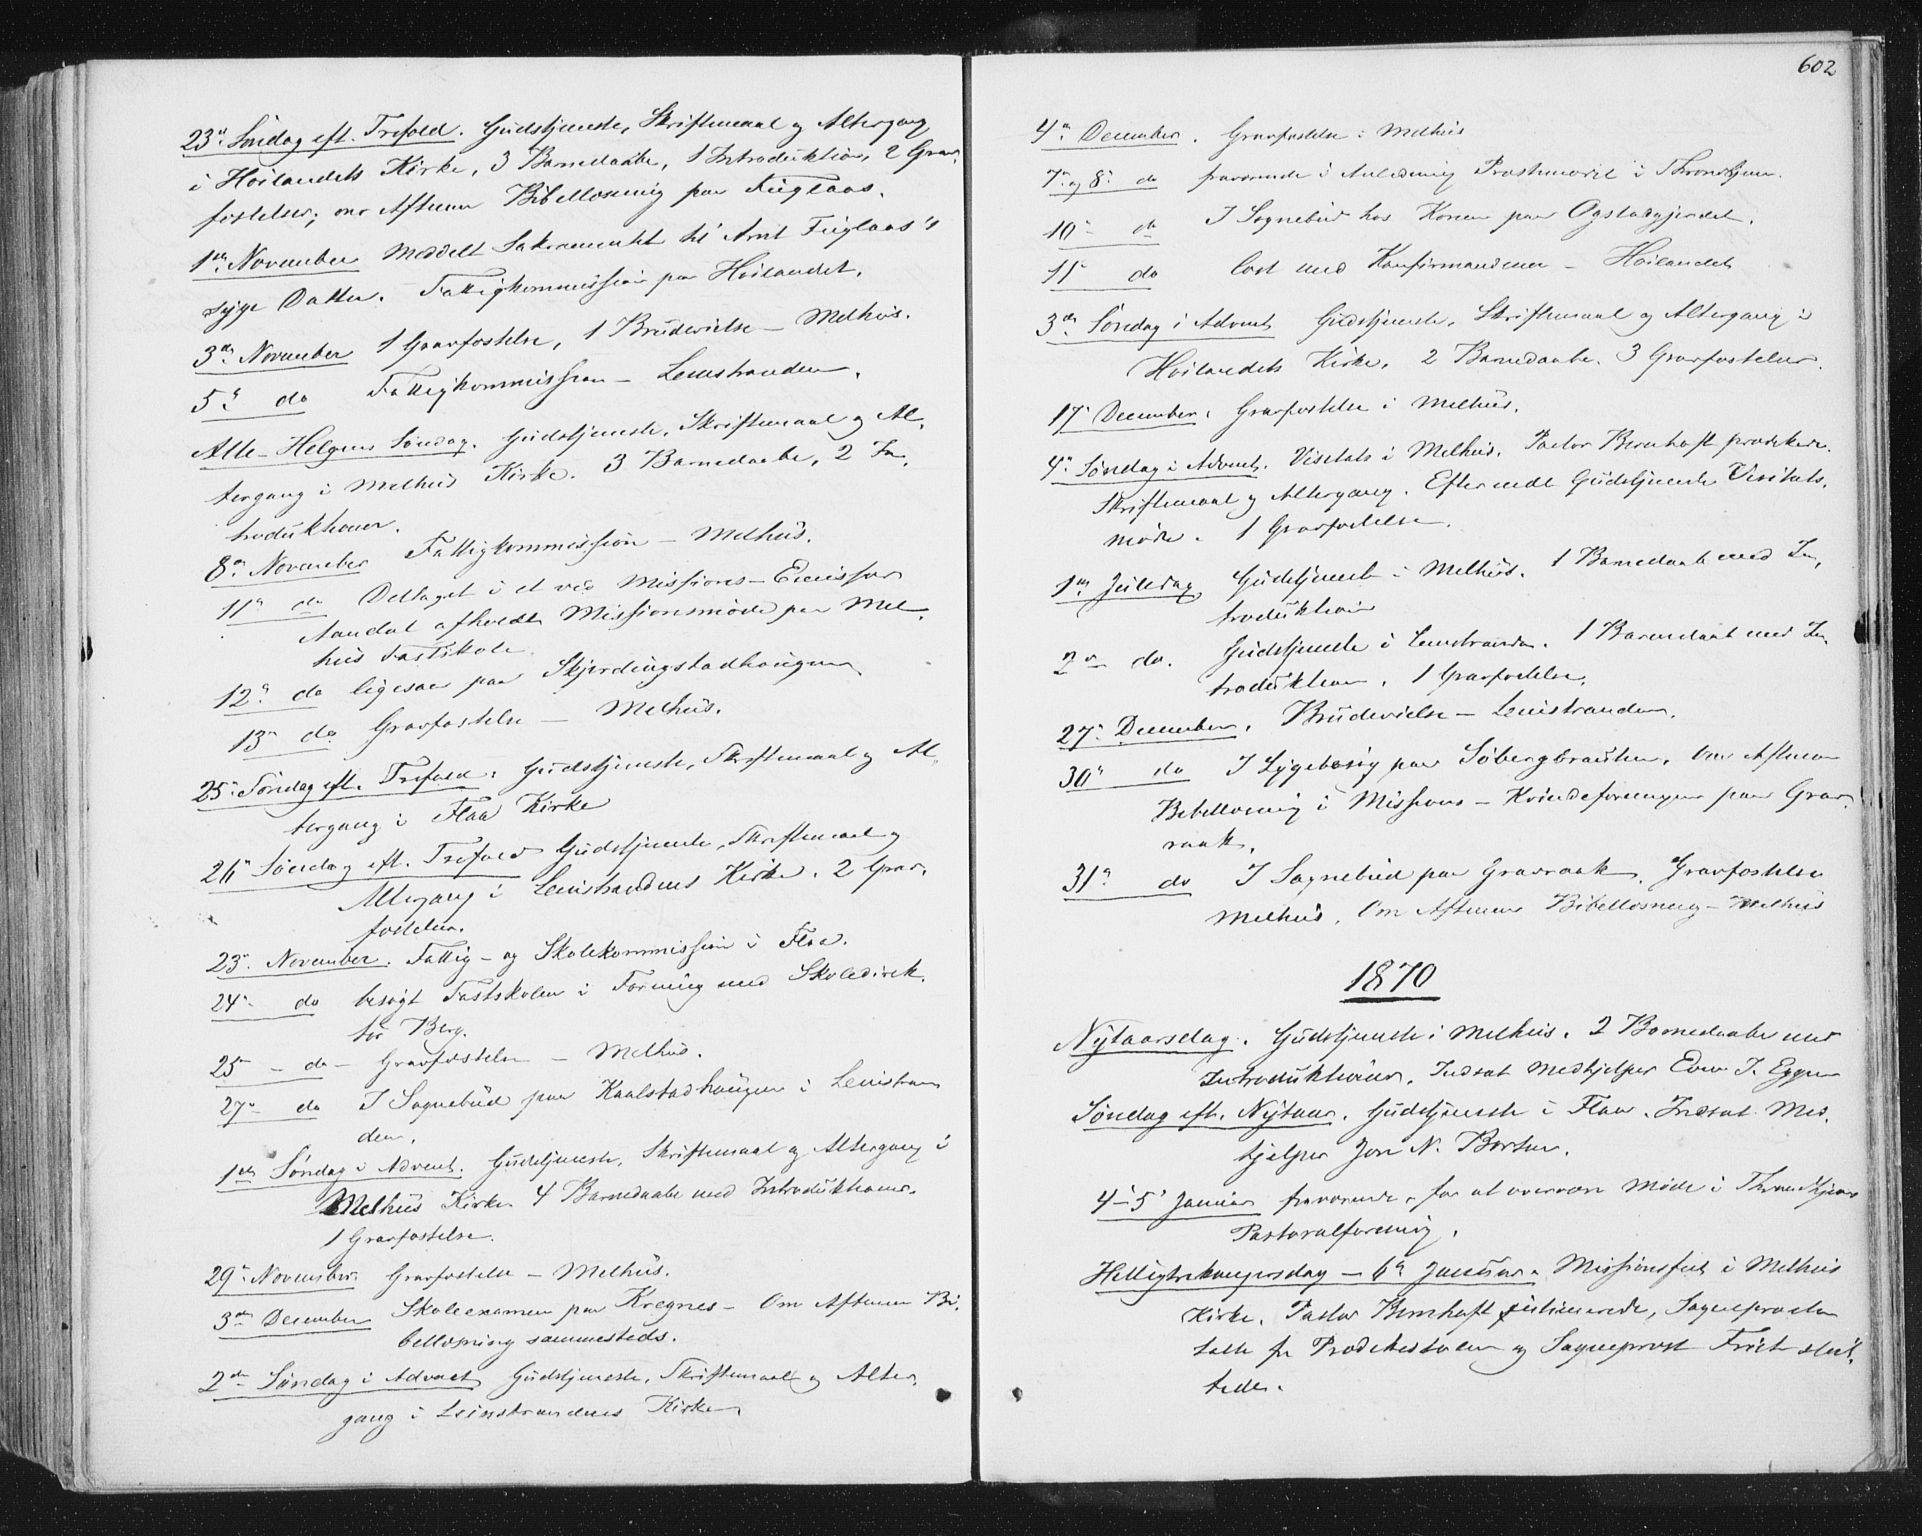 SAT, Ministerialprotokoller, klokkerbøker og fødselsregistre - Sør-Trøndelag, 691/L1077: Ministerialbok nr. 691A09, 1862-1873, s. 602